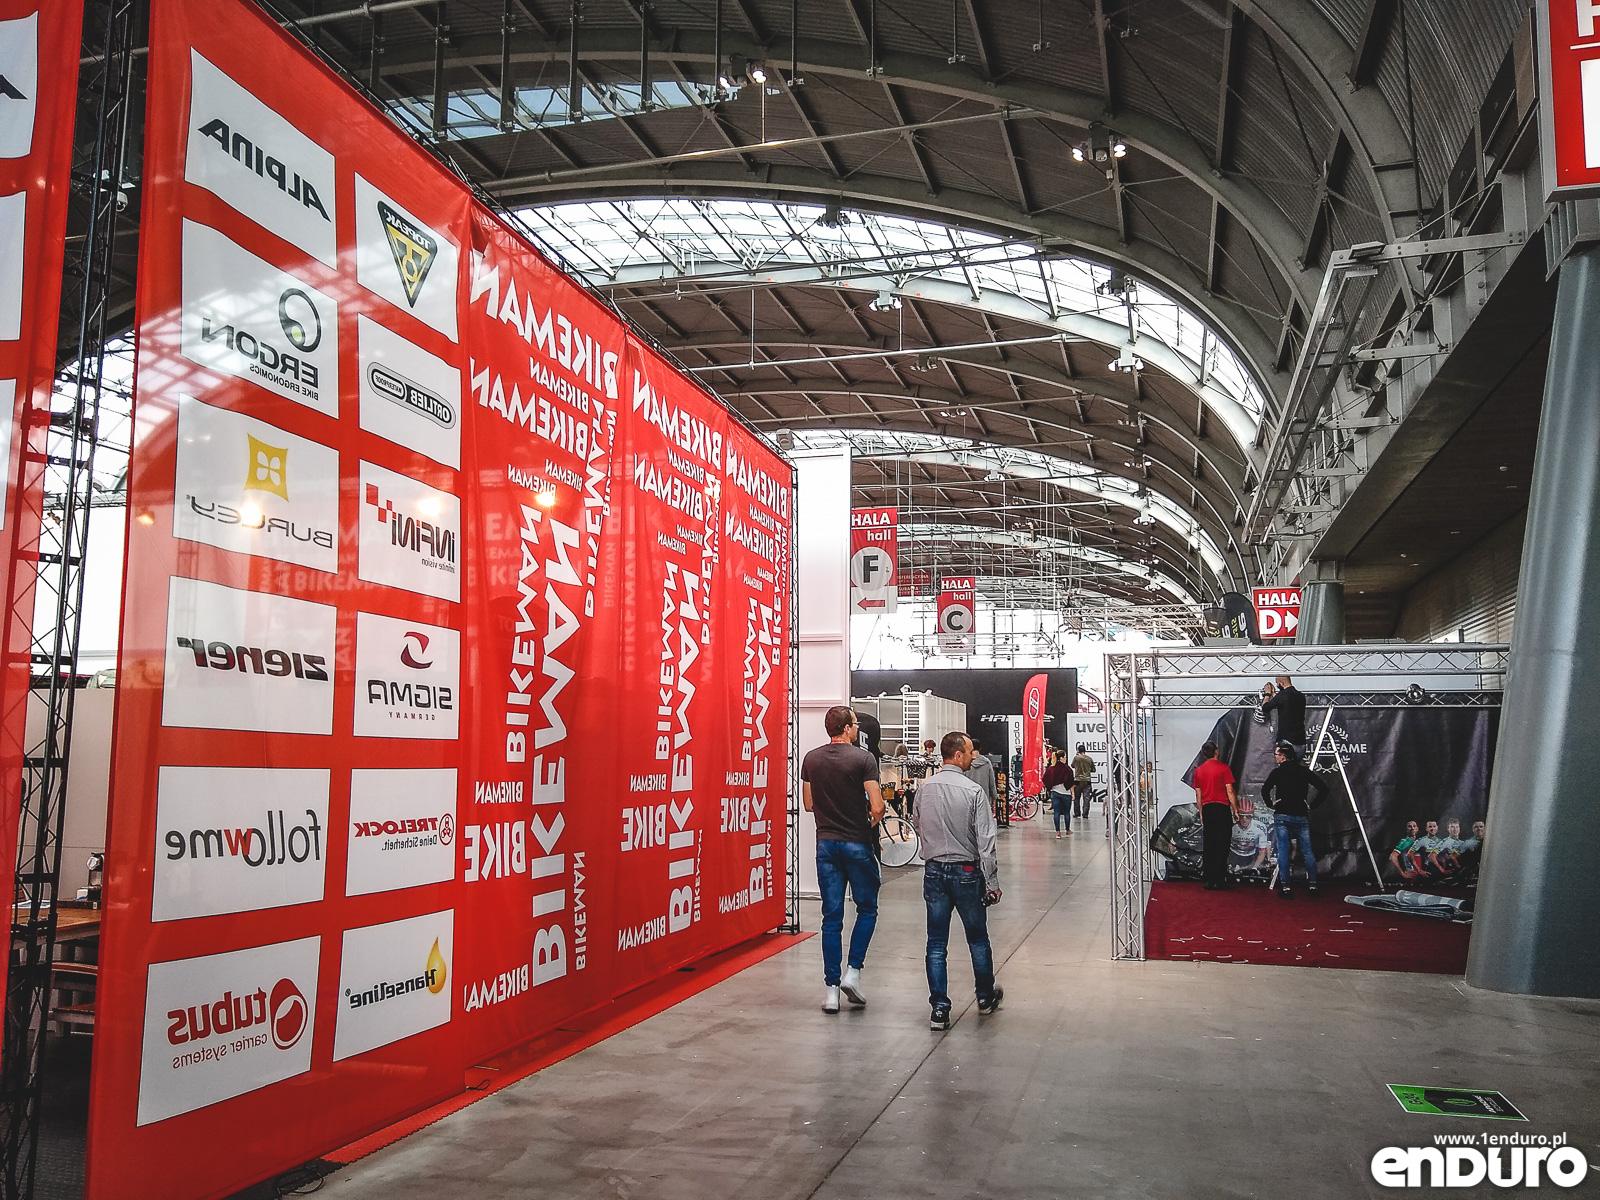 d629a5484b694 Ano dlatego, że targi Kielce Bike Expo z roku na rok chudną. Zacznijmy od  tego, czego na nich… nie było. Wielcy nieobecni 2018 to między innymi Kross  (do ...